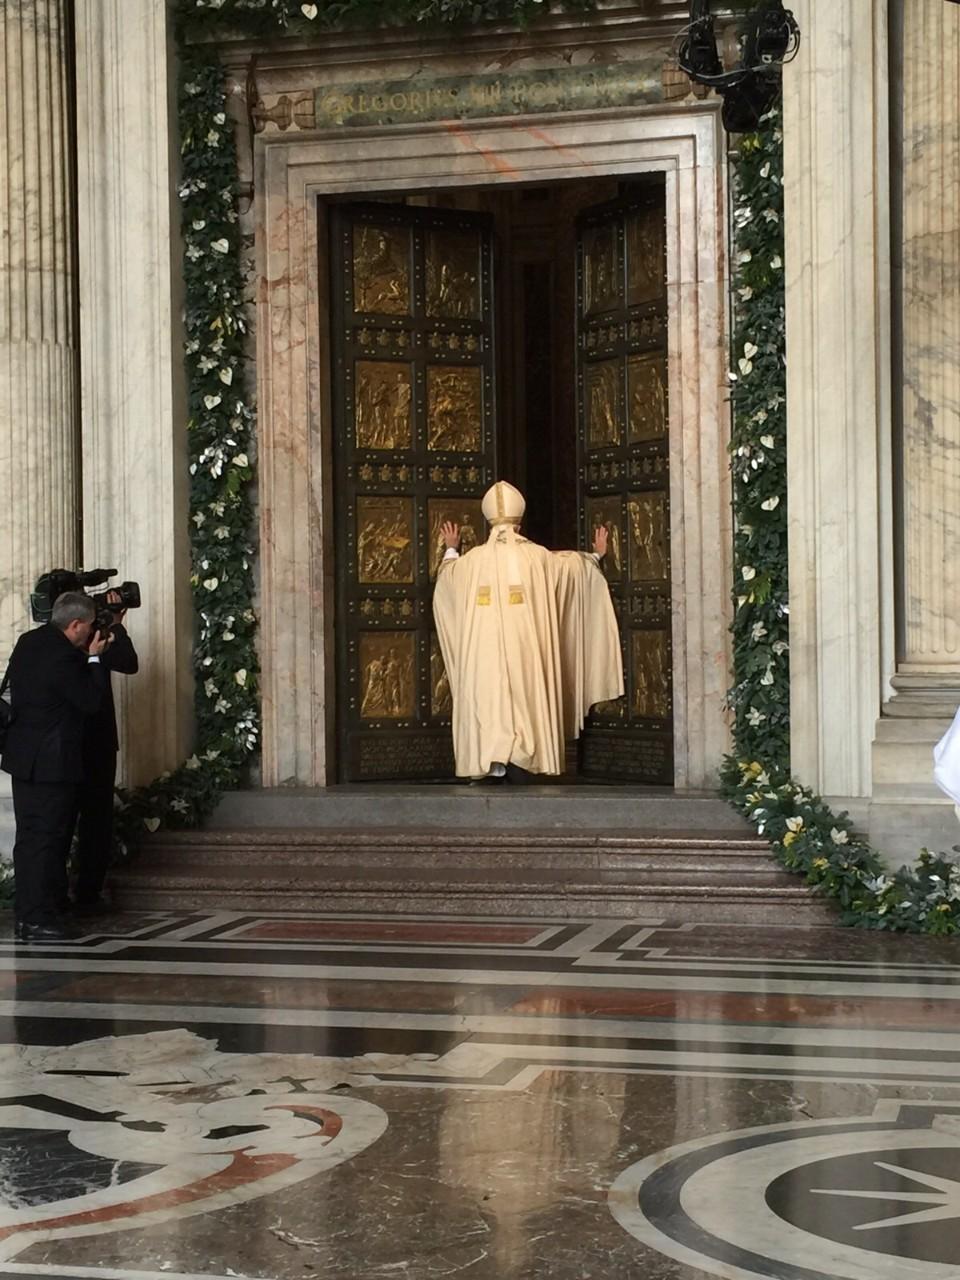 Homilia do Papa Francisco na Abertura da Porta Santa